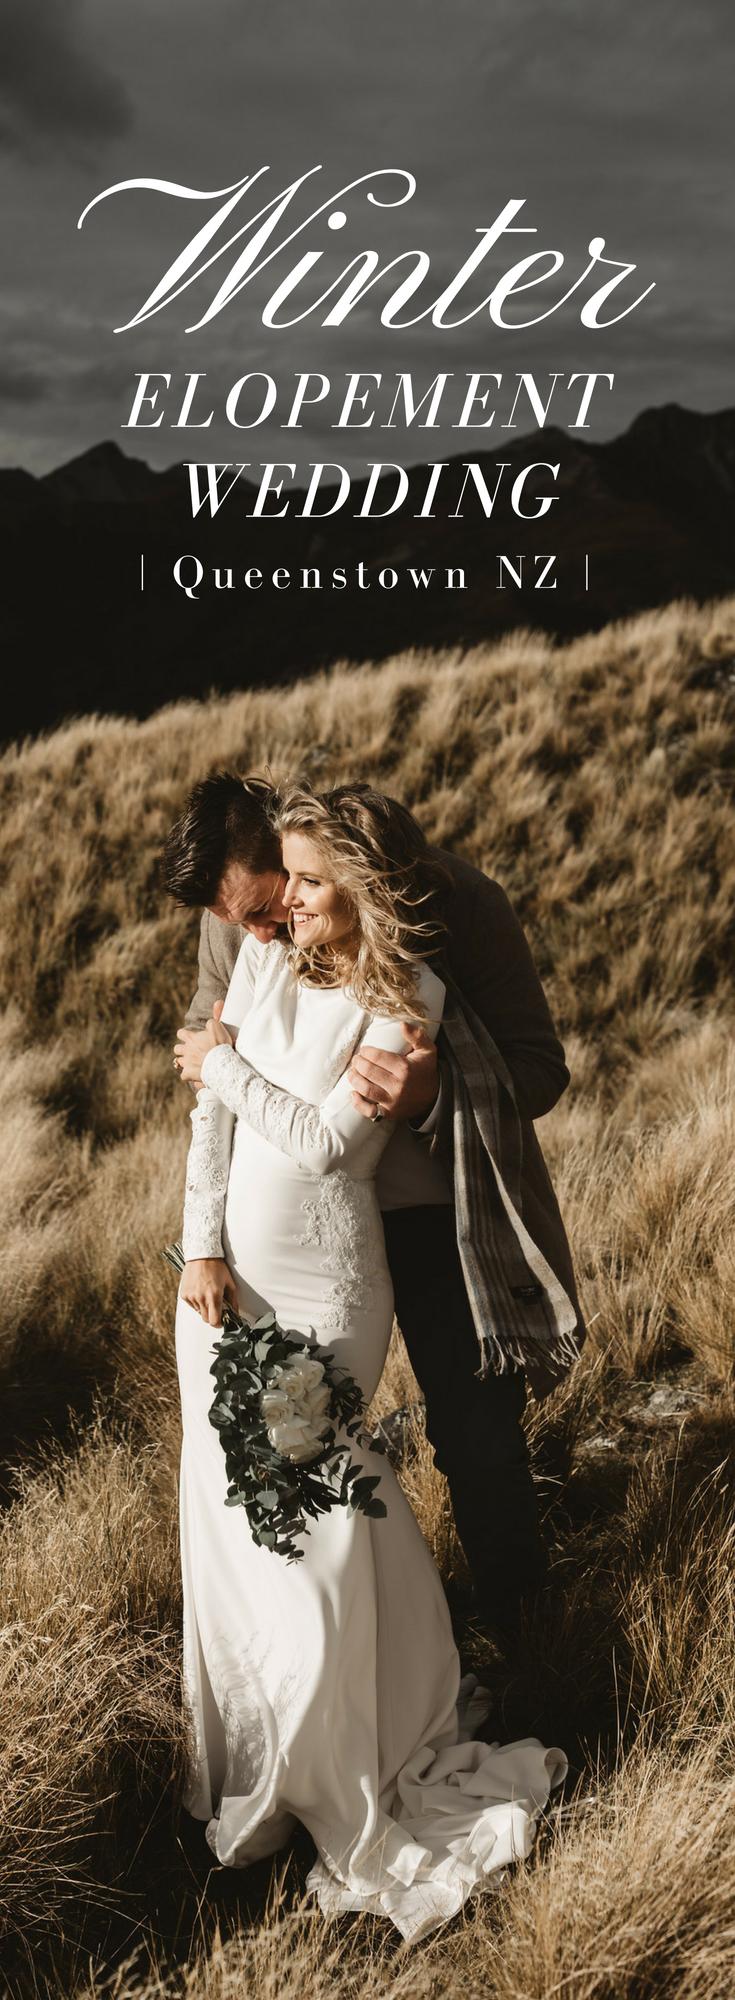 Winter Elopement Wedding in Queenstown New Zealand Elope